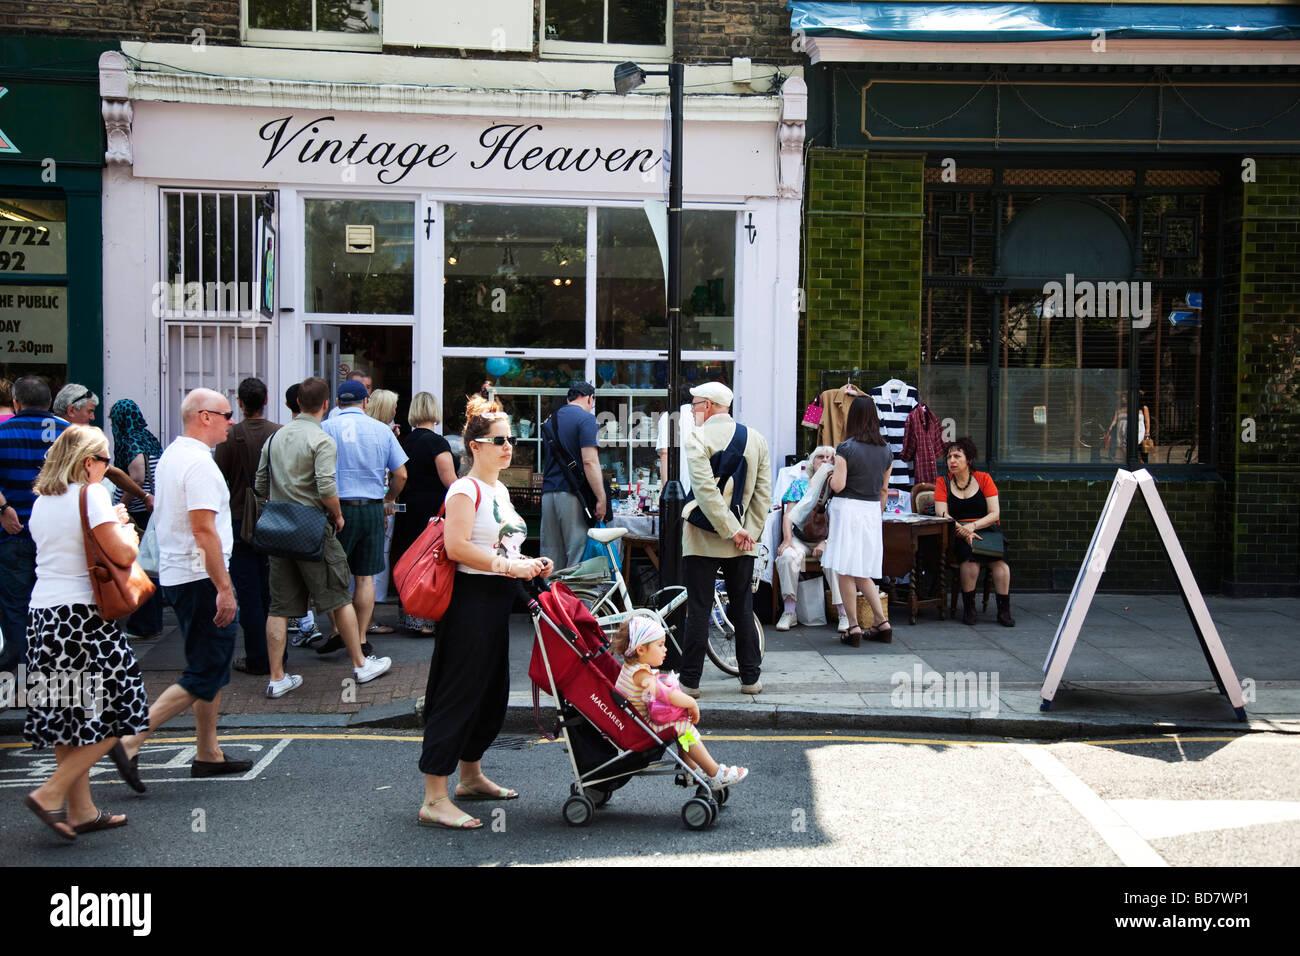 Les gens se rassemblent à Columbia Road Flower Market dans l'East End de Londres. Ce marché est autant Photo Stock